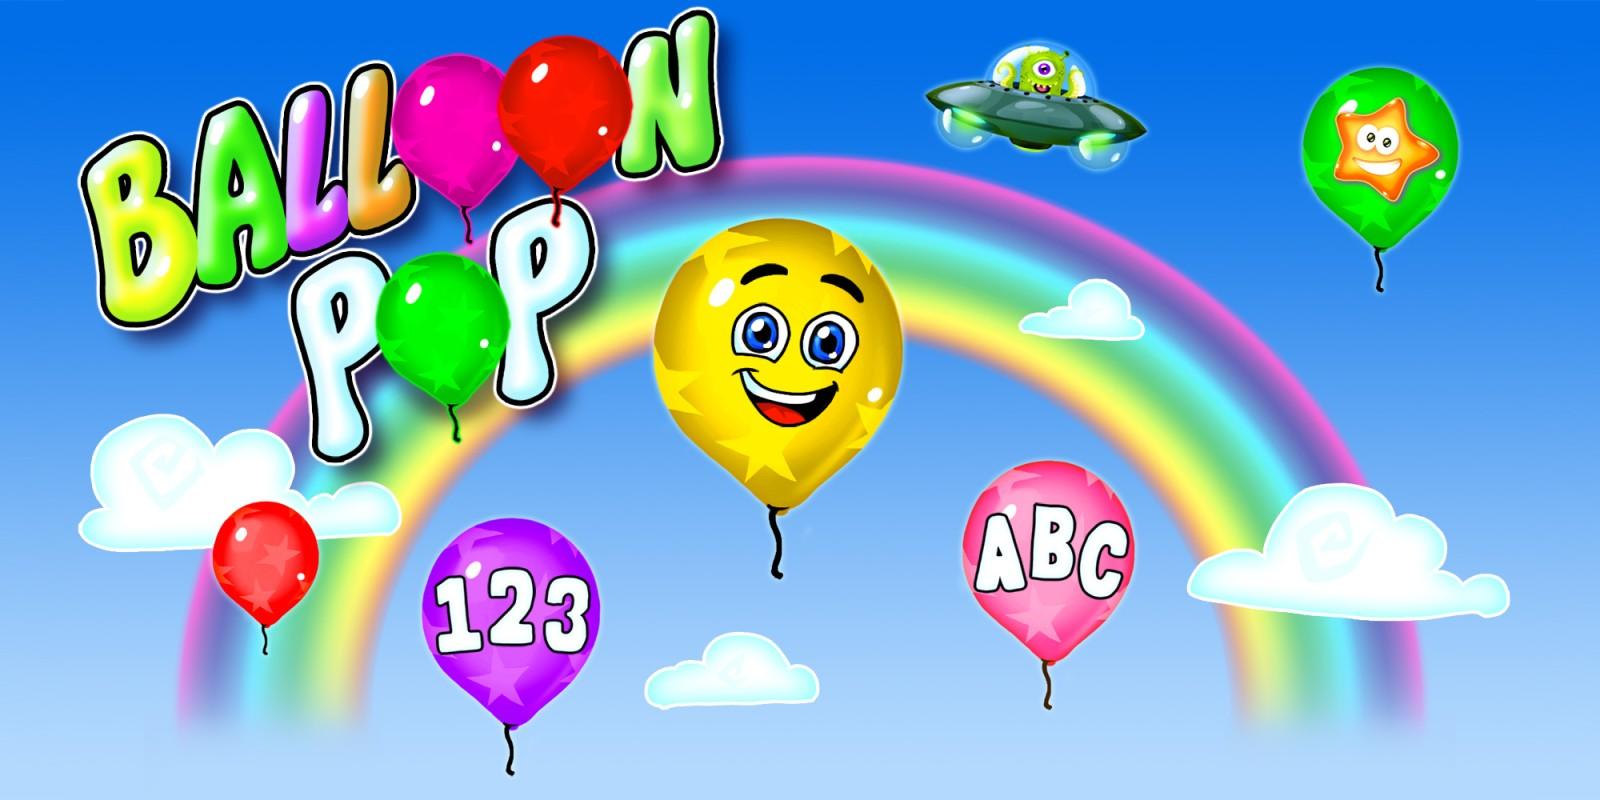 Balloon Pop - Ballons & Luftballons Platzen Spiel für Kinder & Kleinkinder - Lerne Zahlen, Buchstaben, Formen, Farben in 14 Sprachen